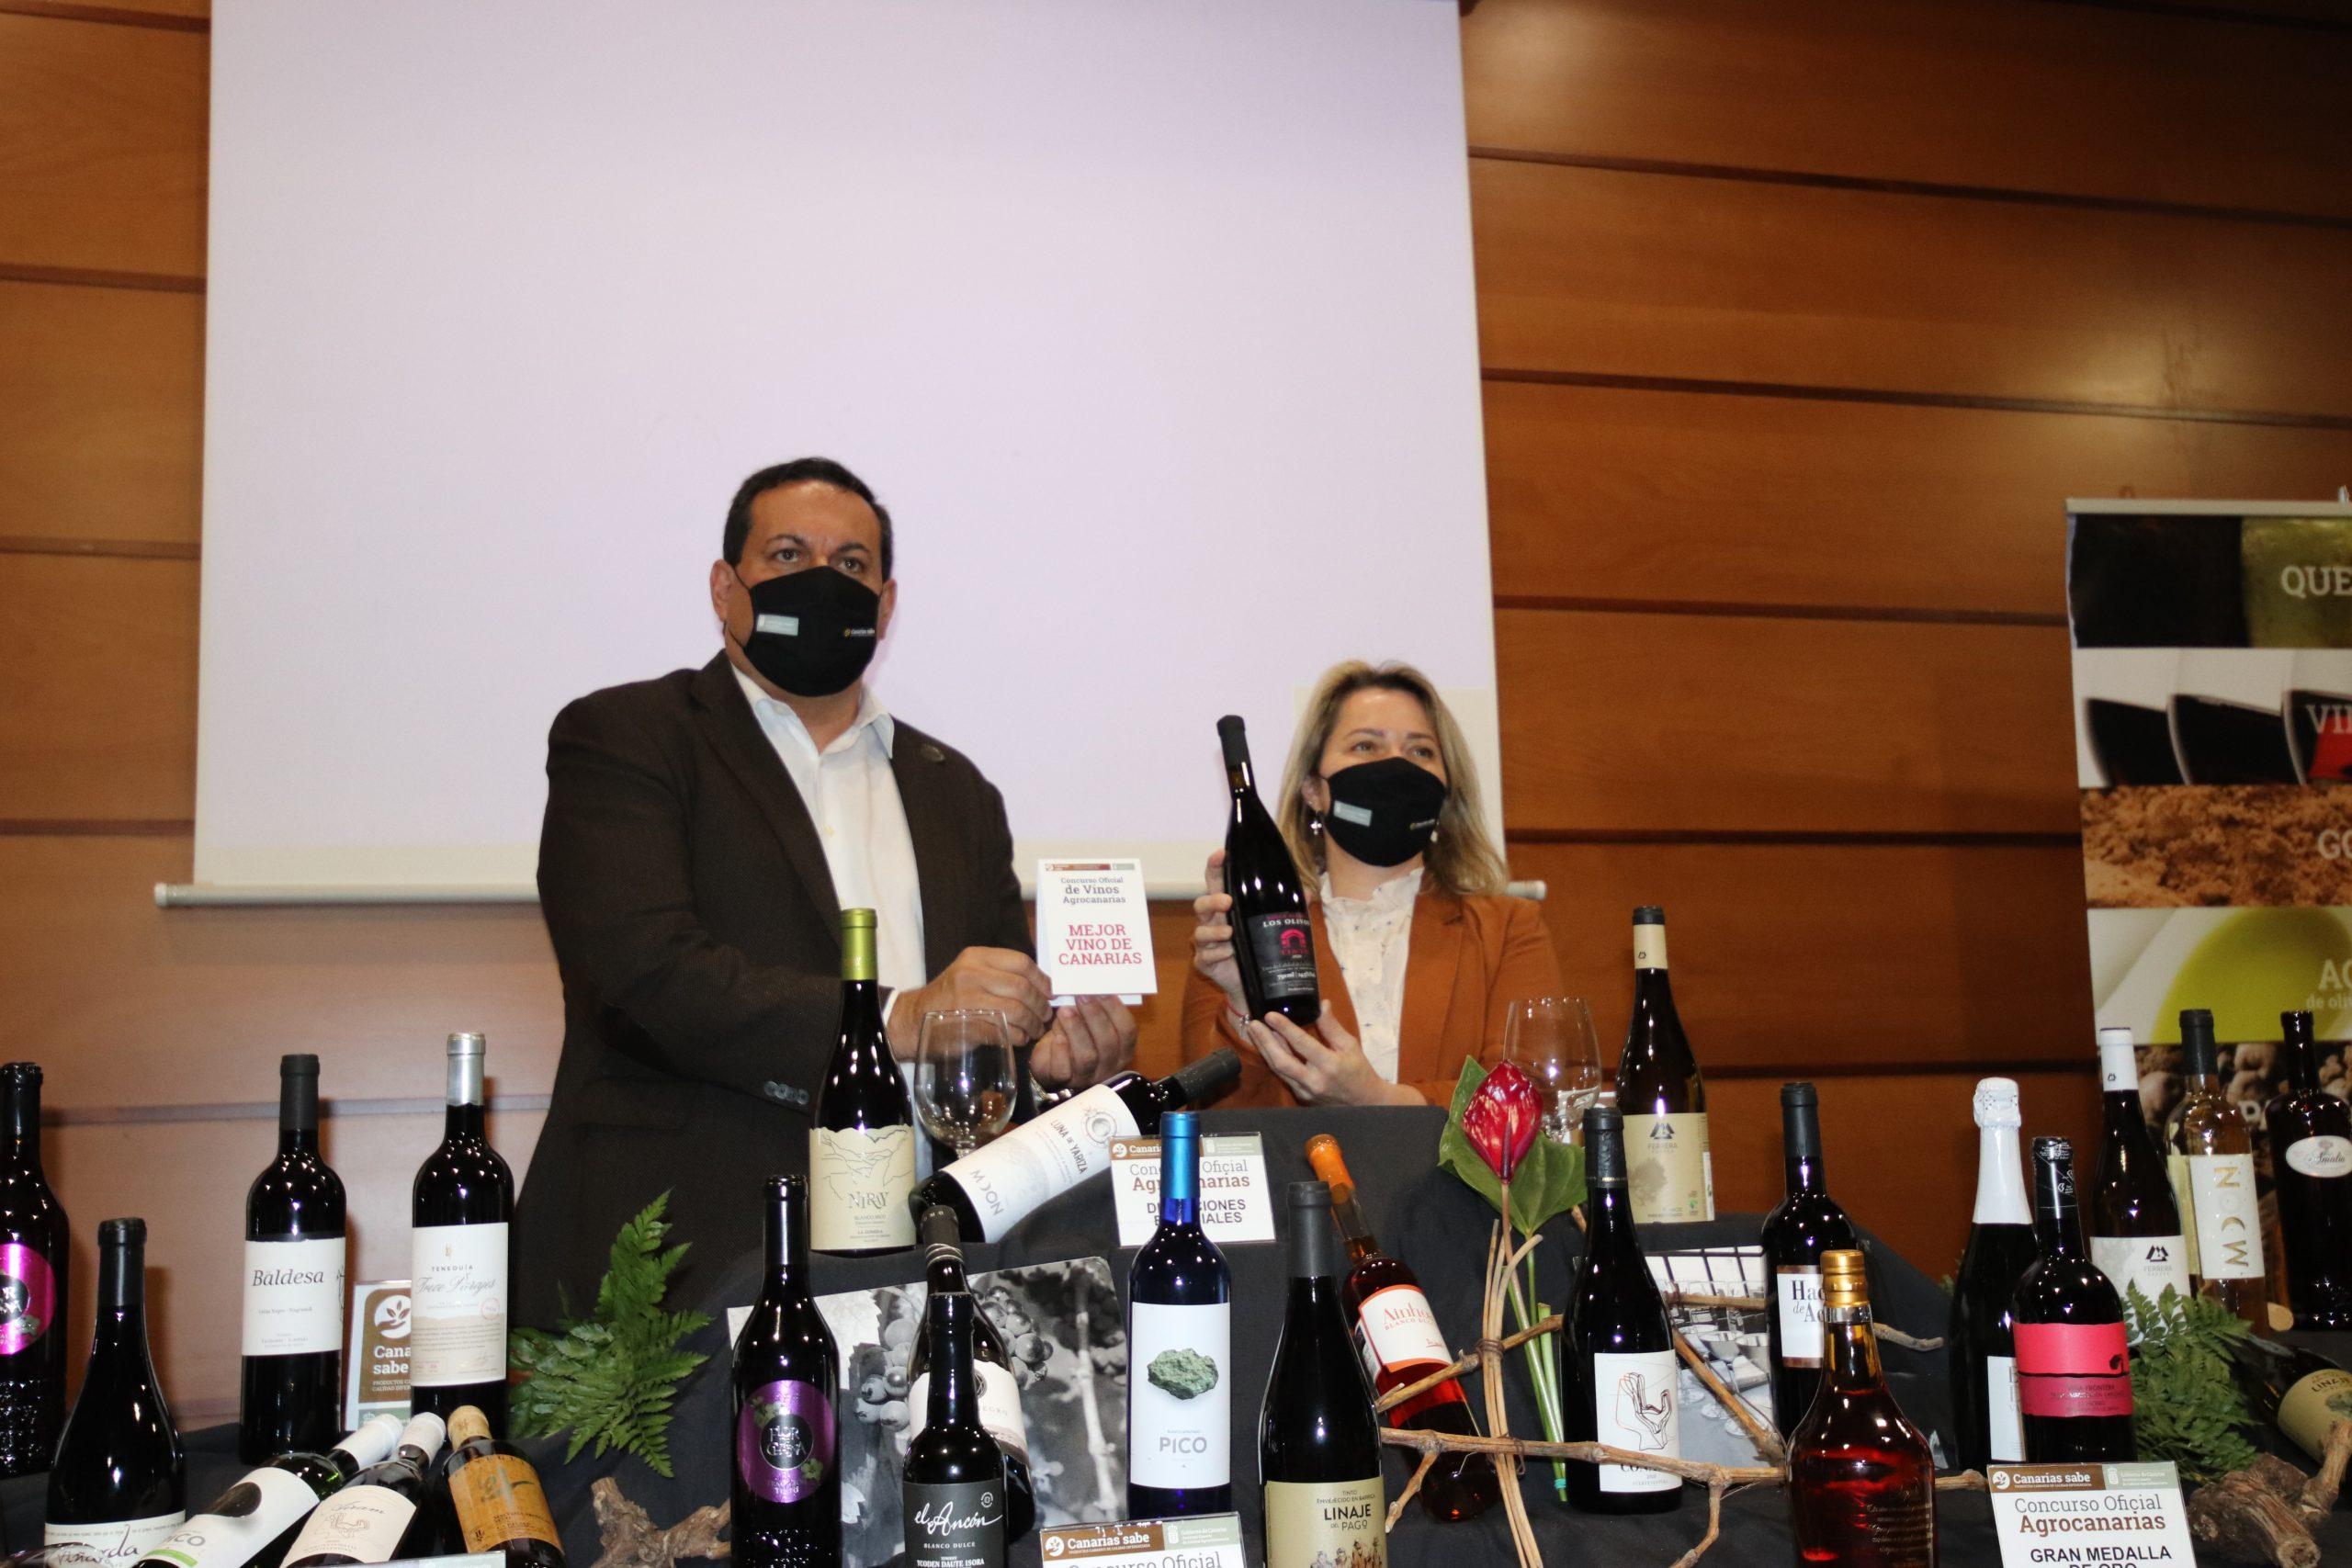 Canary Wine protagonistas del Concurso Oficial de Vinos Agrocanarias 2021